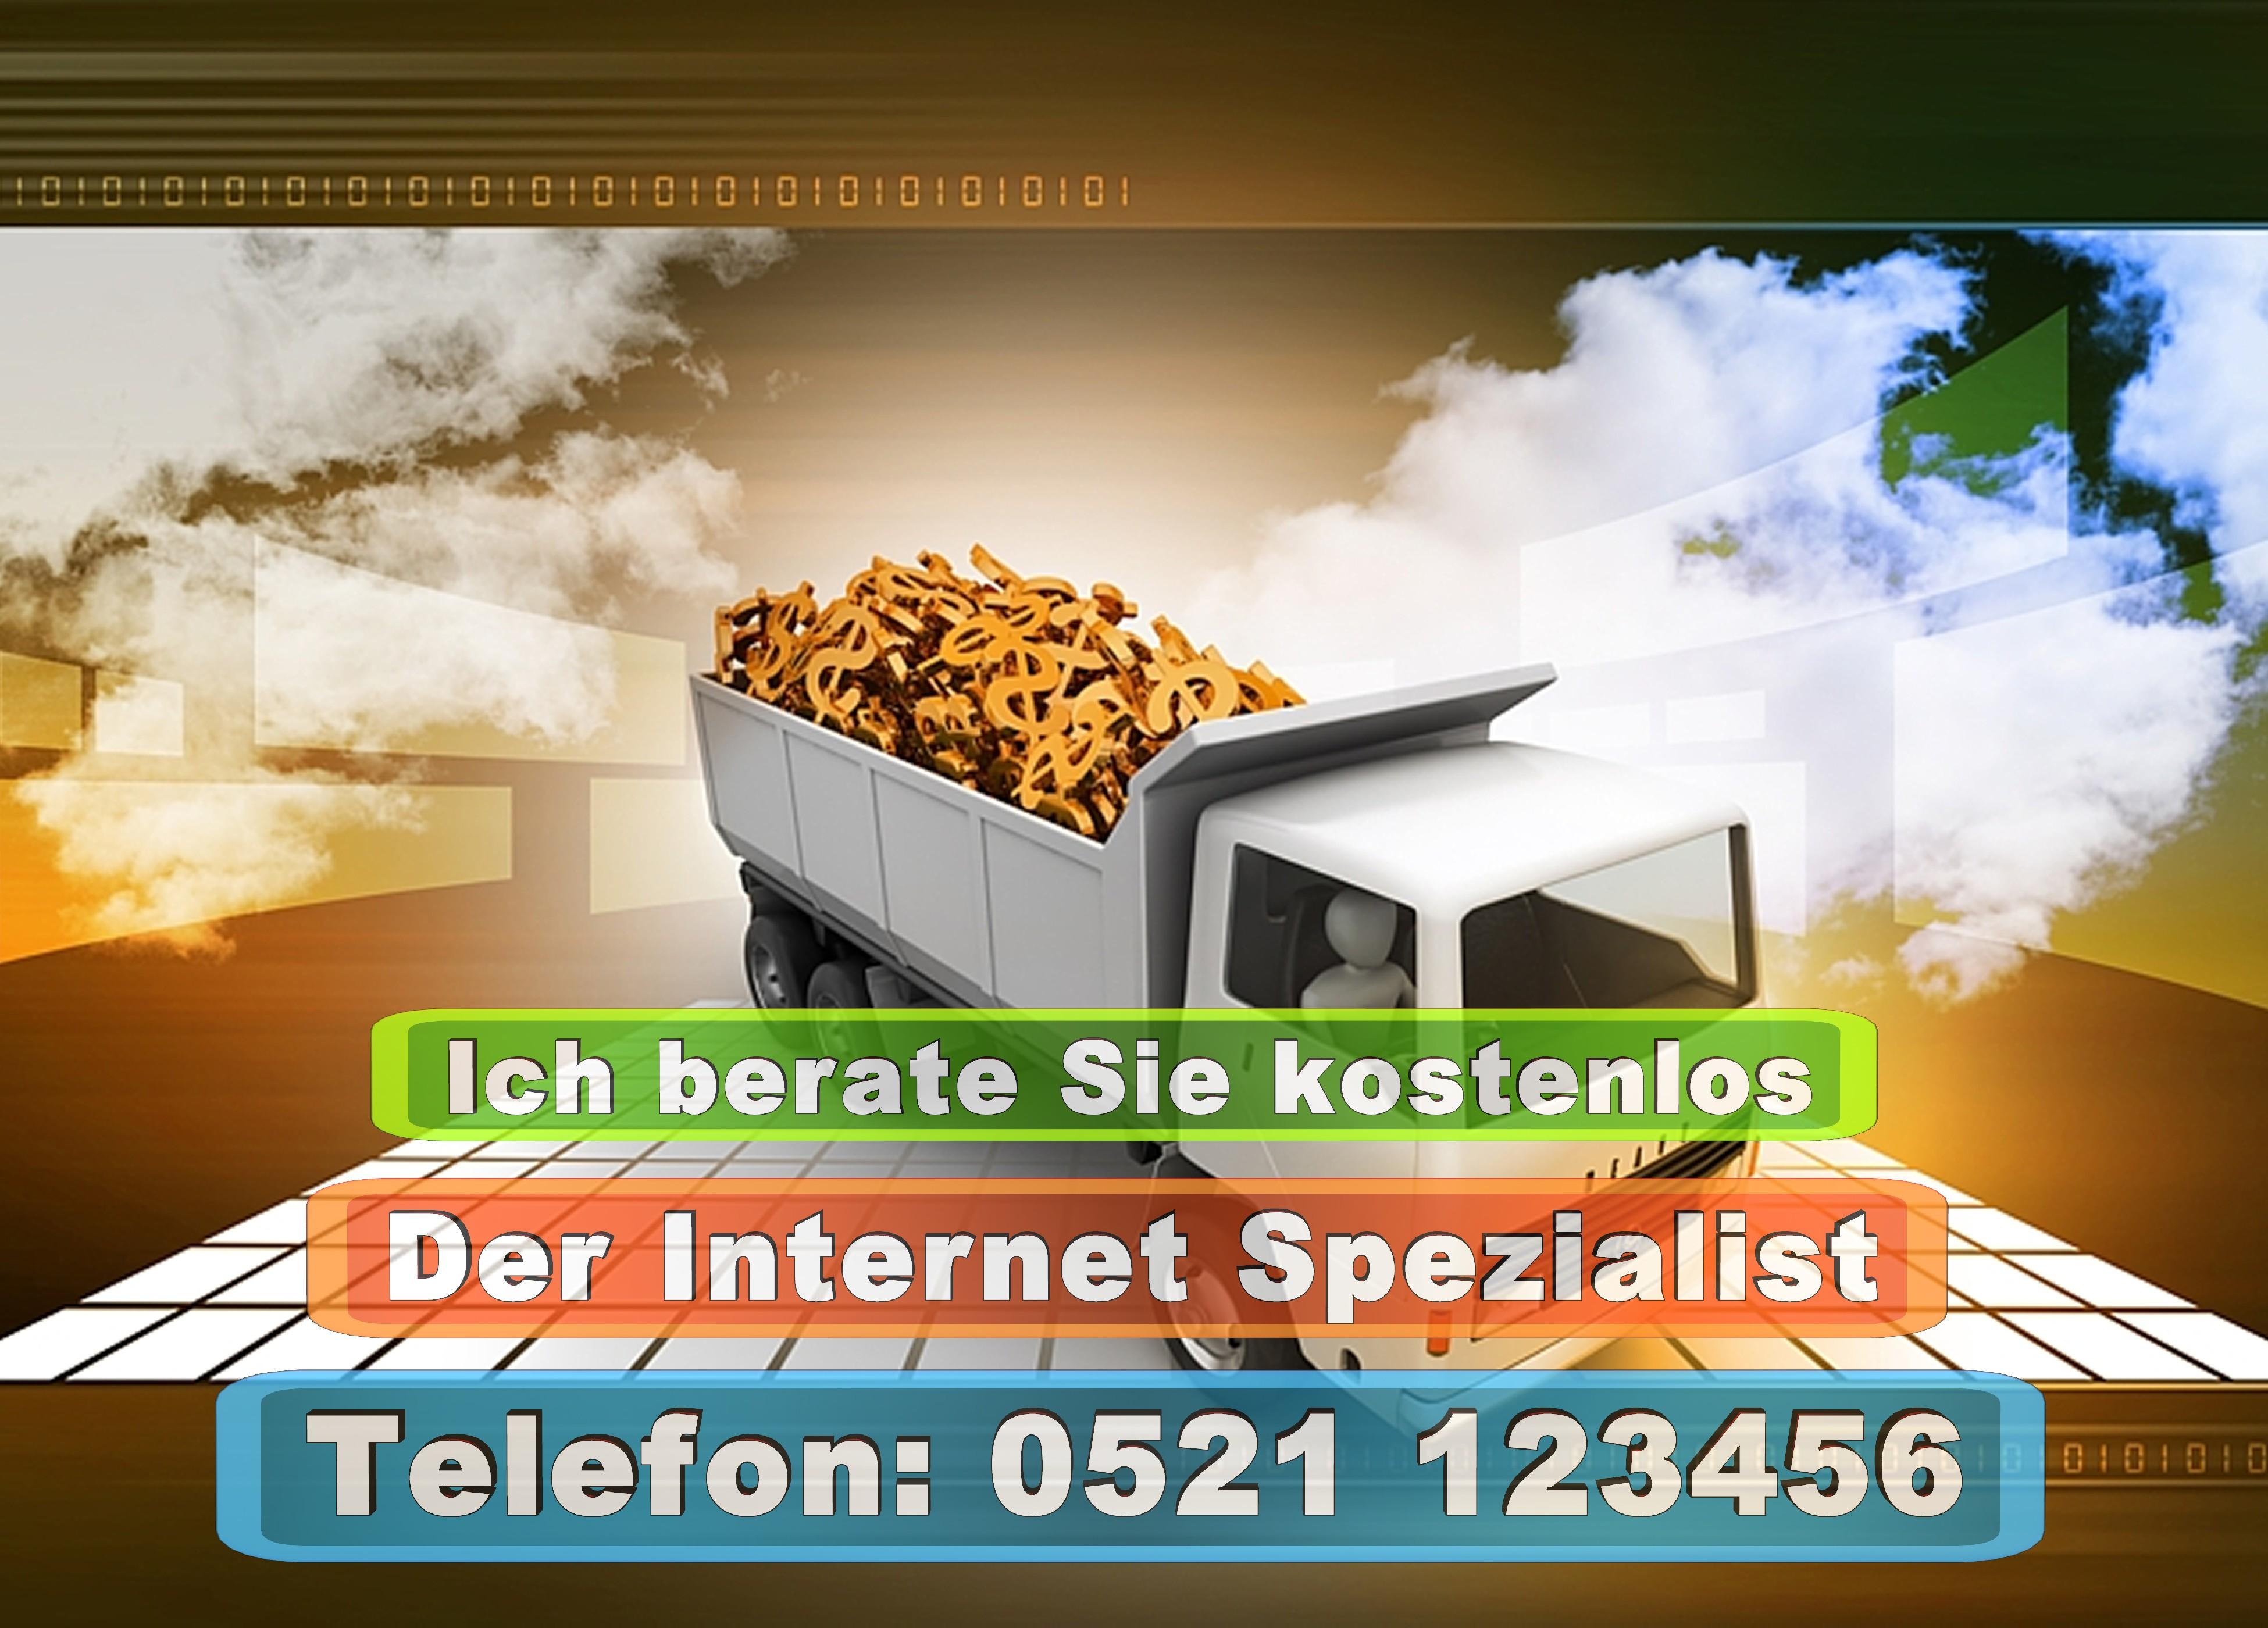 Werbeagentur Bielefeld Druckerei Bielefeld Prospekte Zeitung Visitenkarten Poster Werbung Print Presse Druck Fotografie Fotos Internet (4)